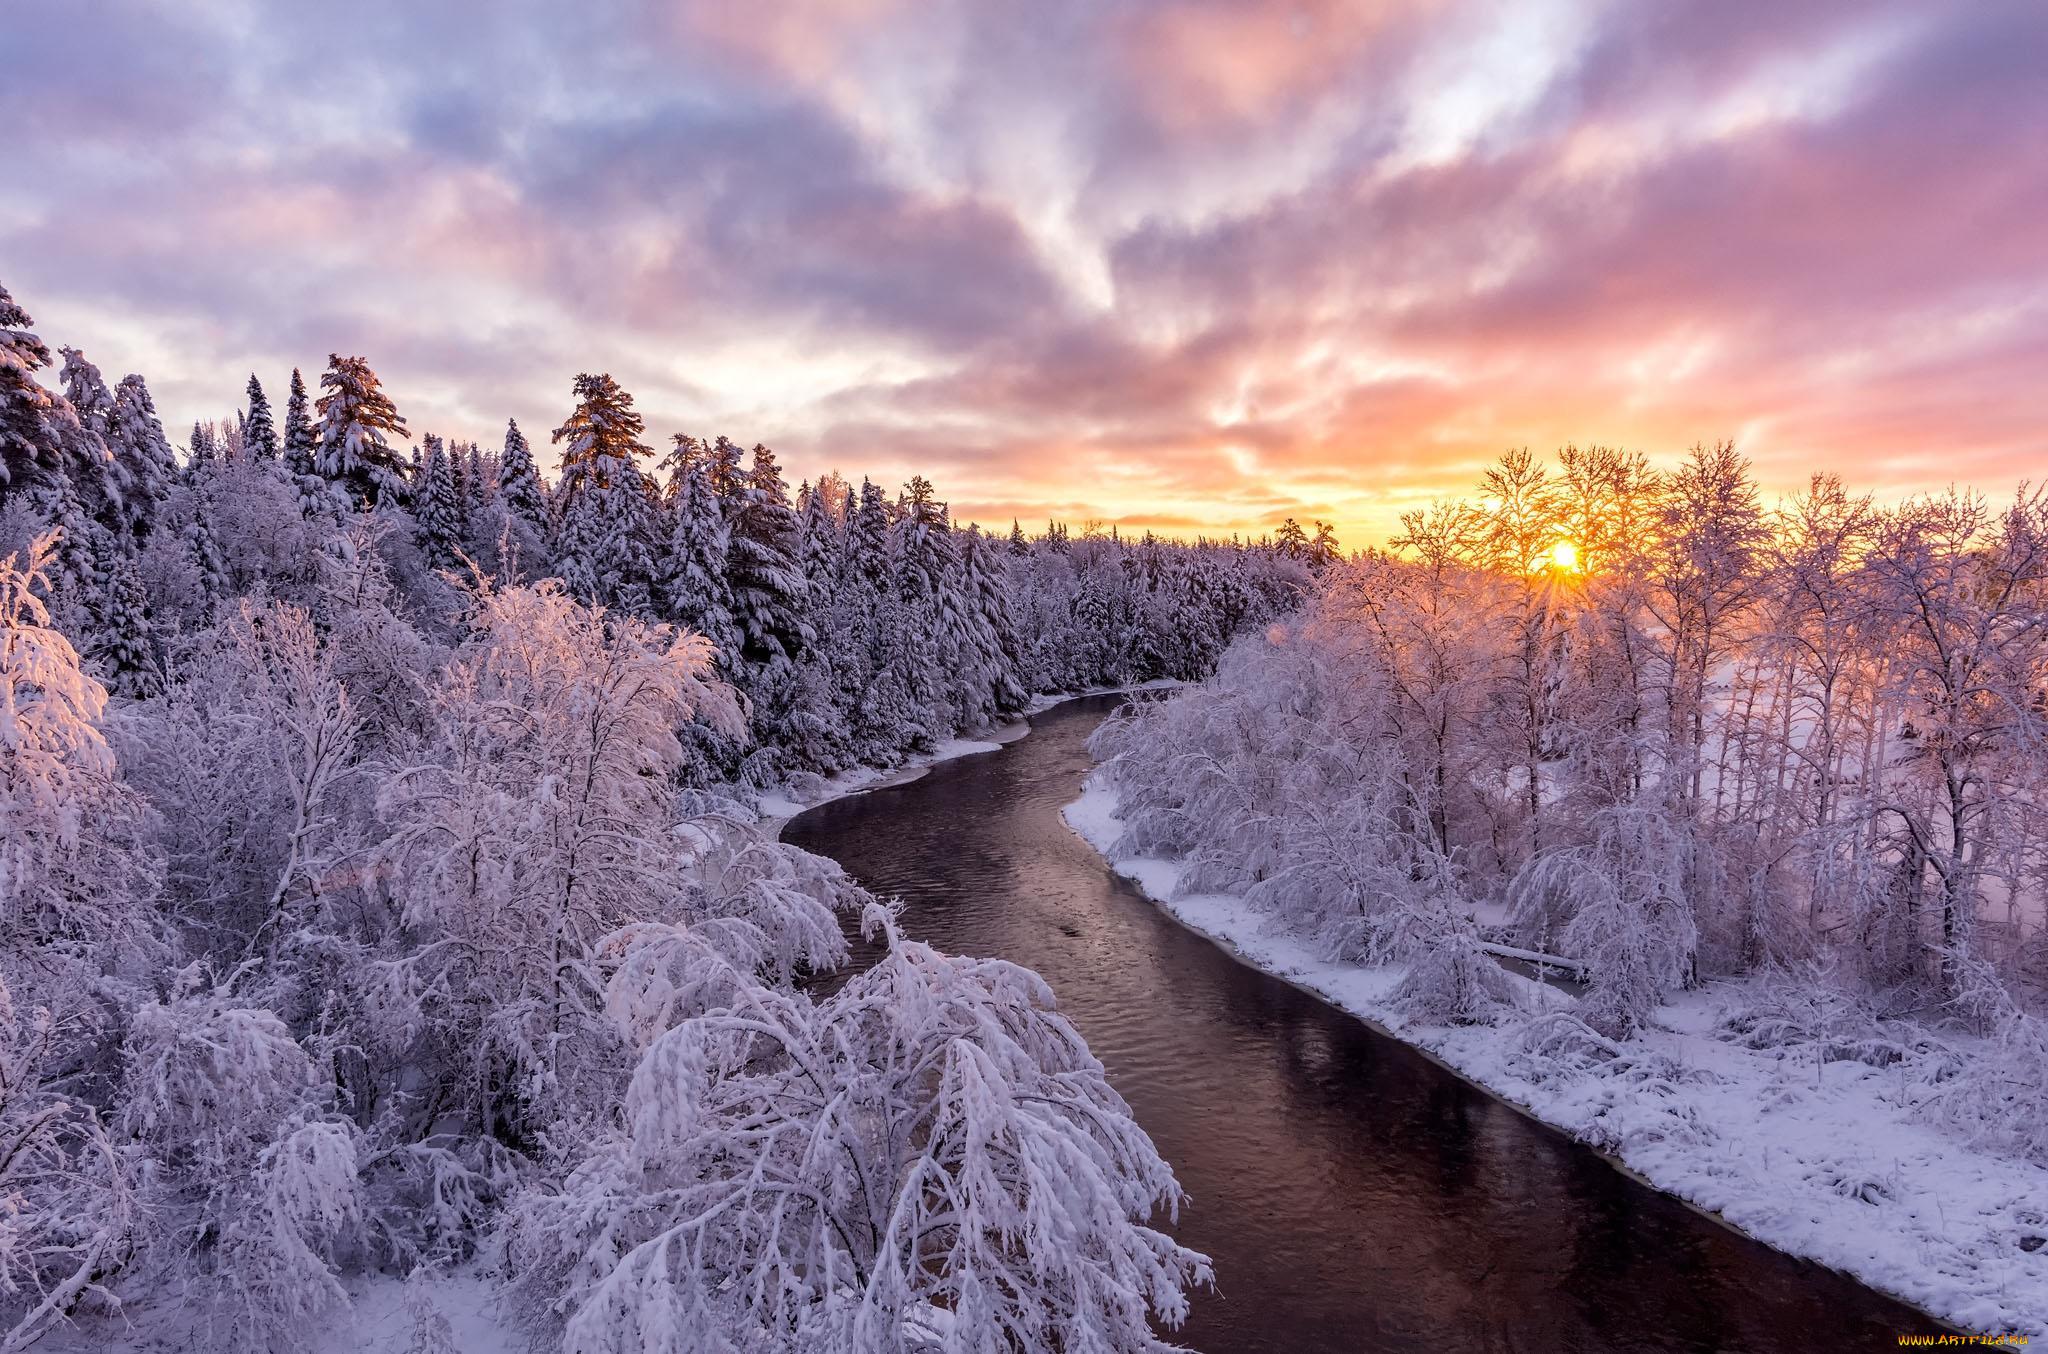 день прекрасный, фотографии пейзаж зимы что красавица